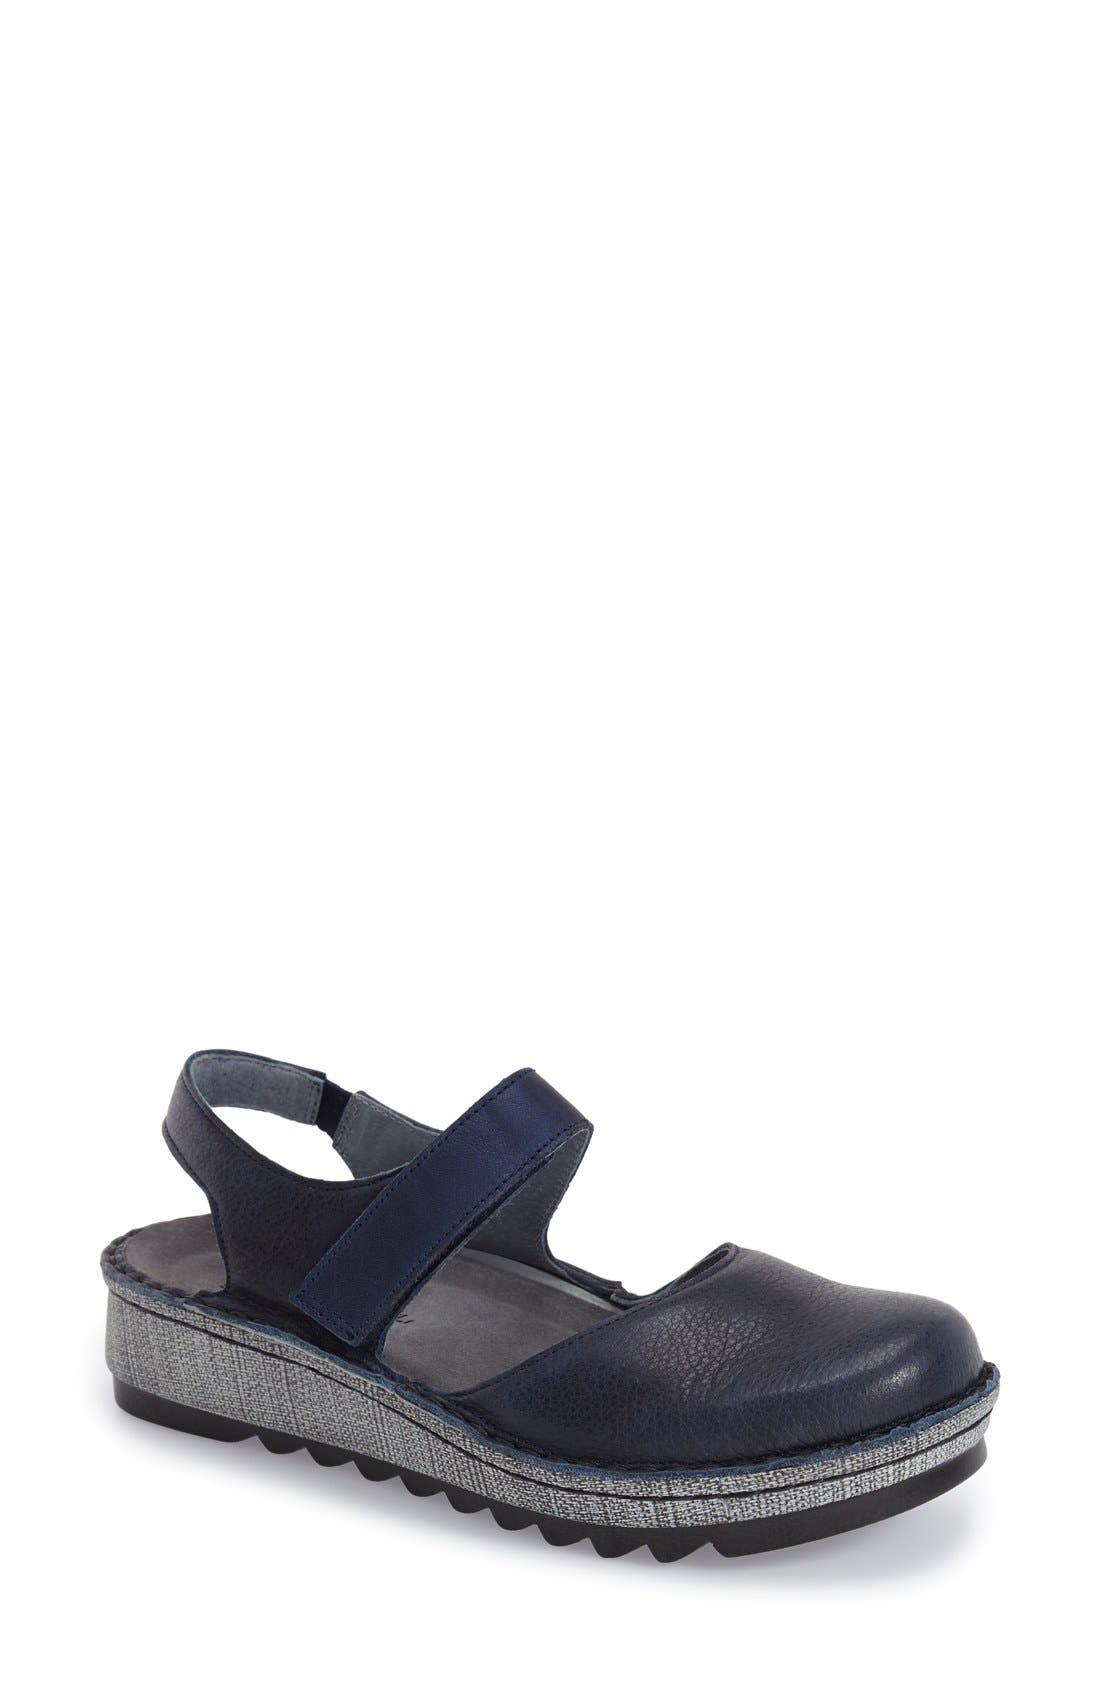 NAOT Lantana Sandal